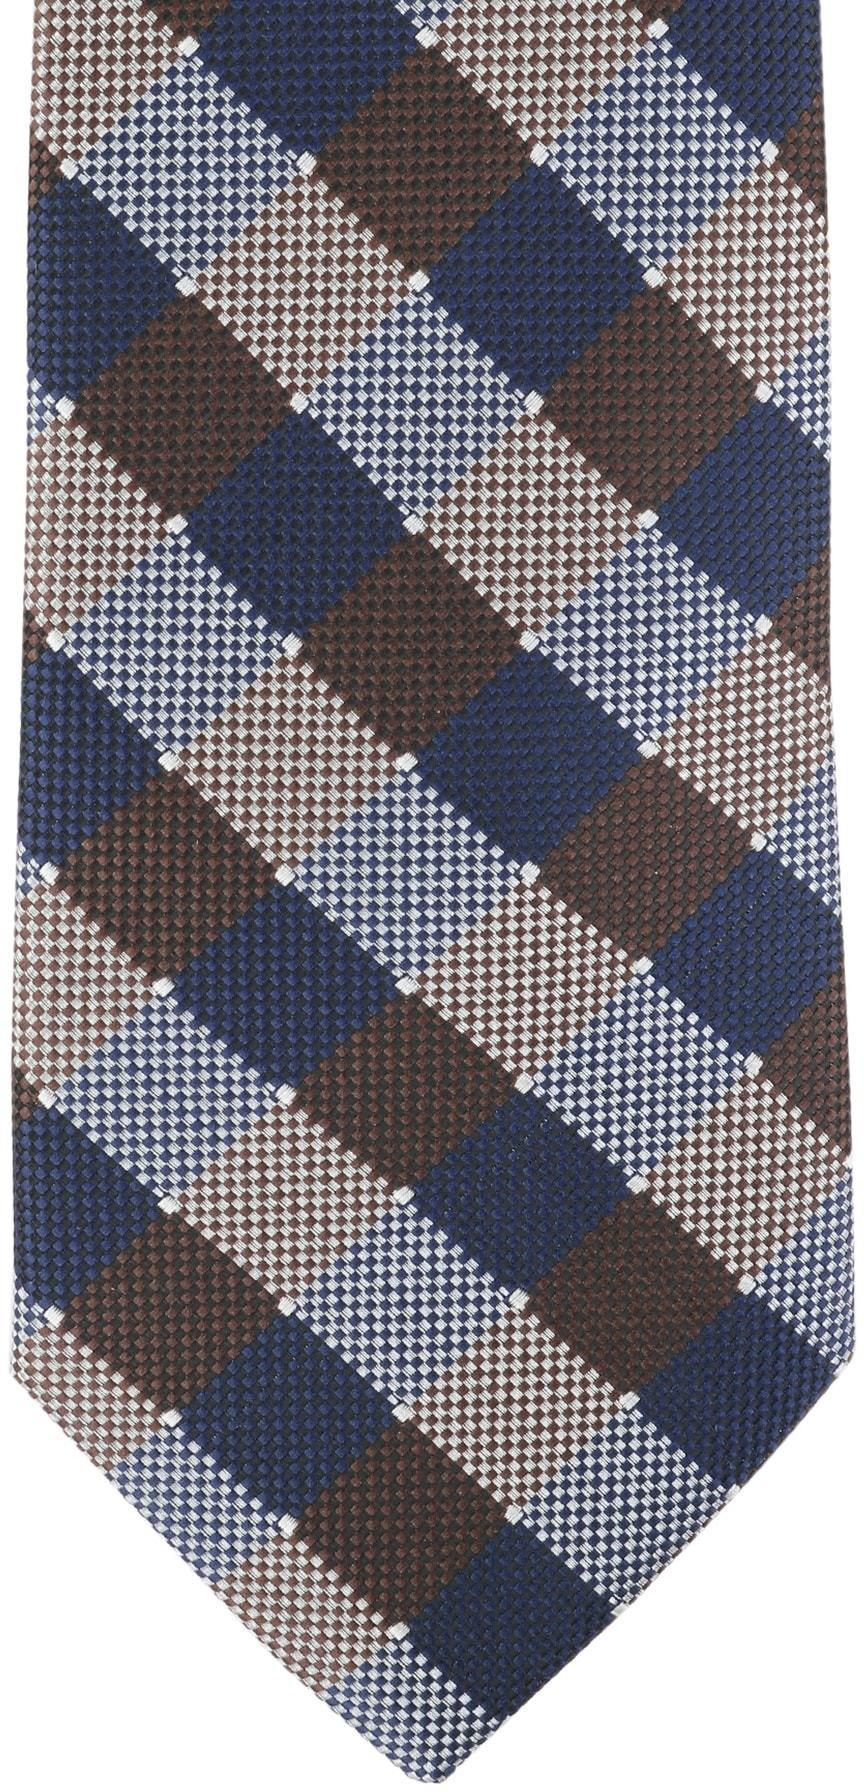 Krawatte Seide Karo 9-17 foto 1